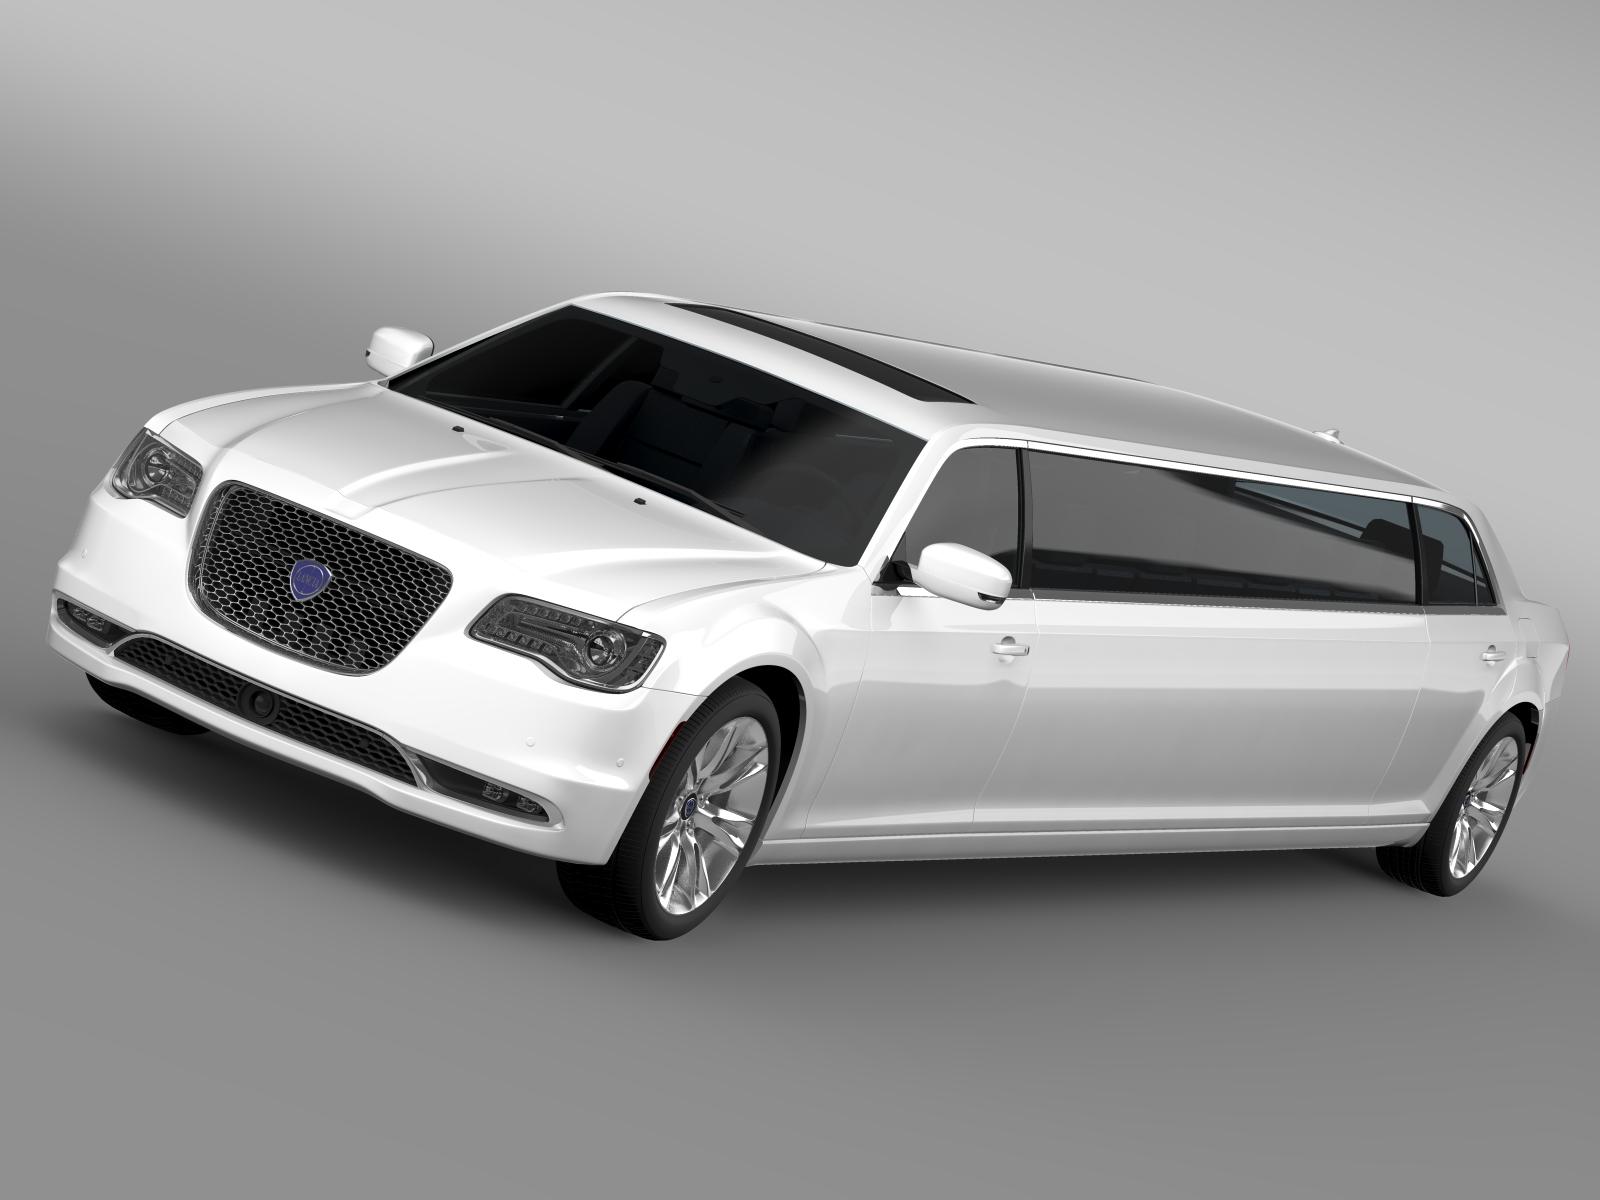 lancia thema limousine 2016 3d model 3ds max fbx c4d lwo ma mb hrc xsi obj 216145